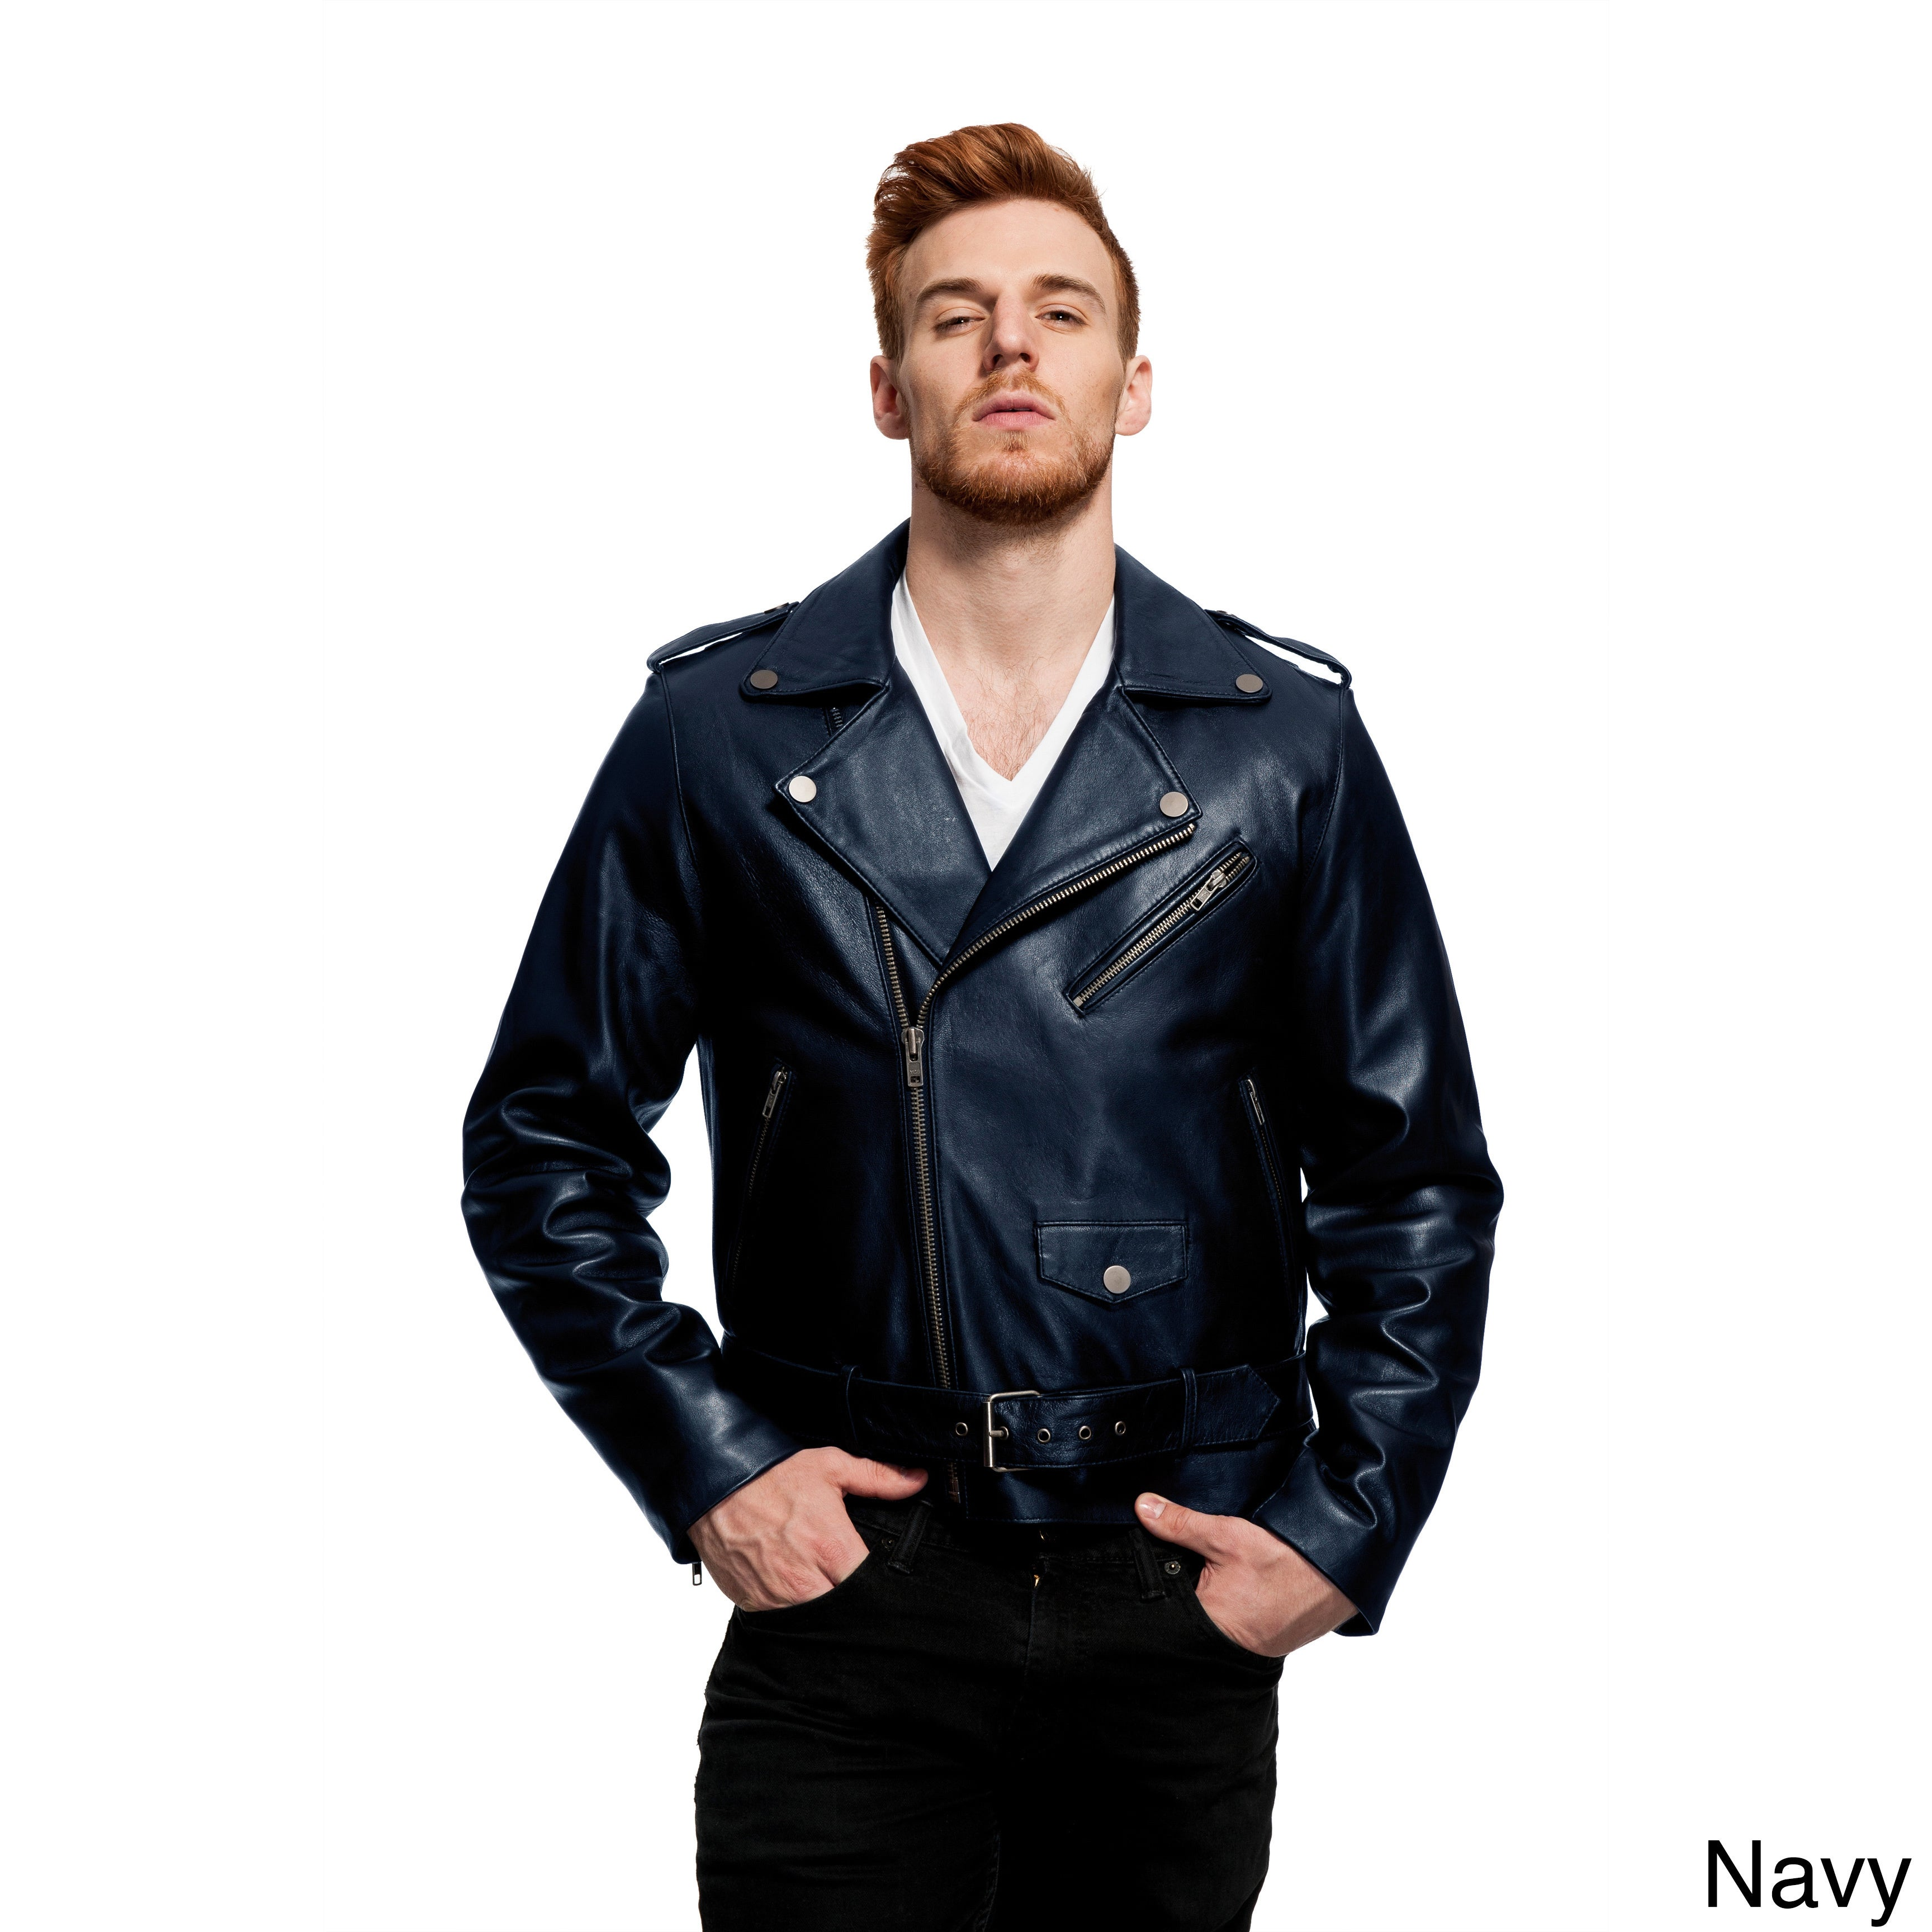 640c46e8b Mason & Cooper Bane Leather Jacket